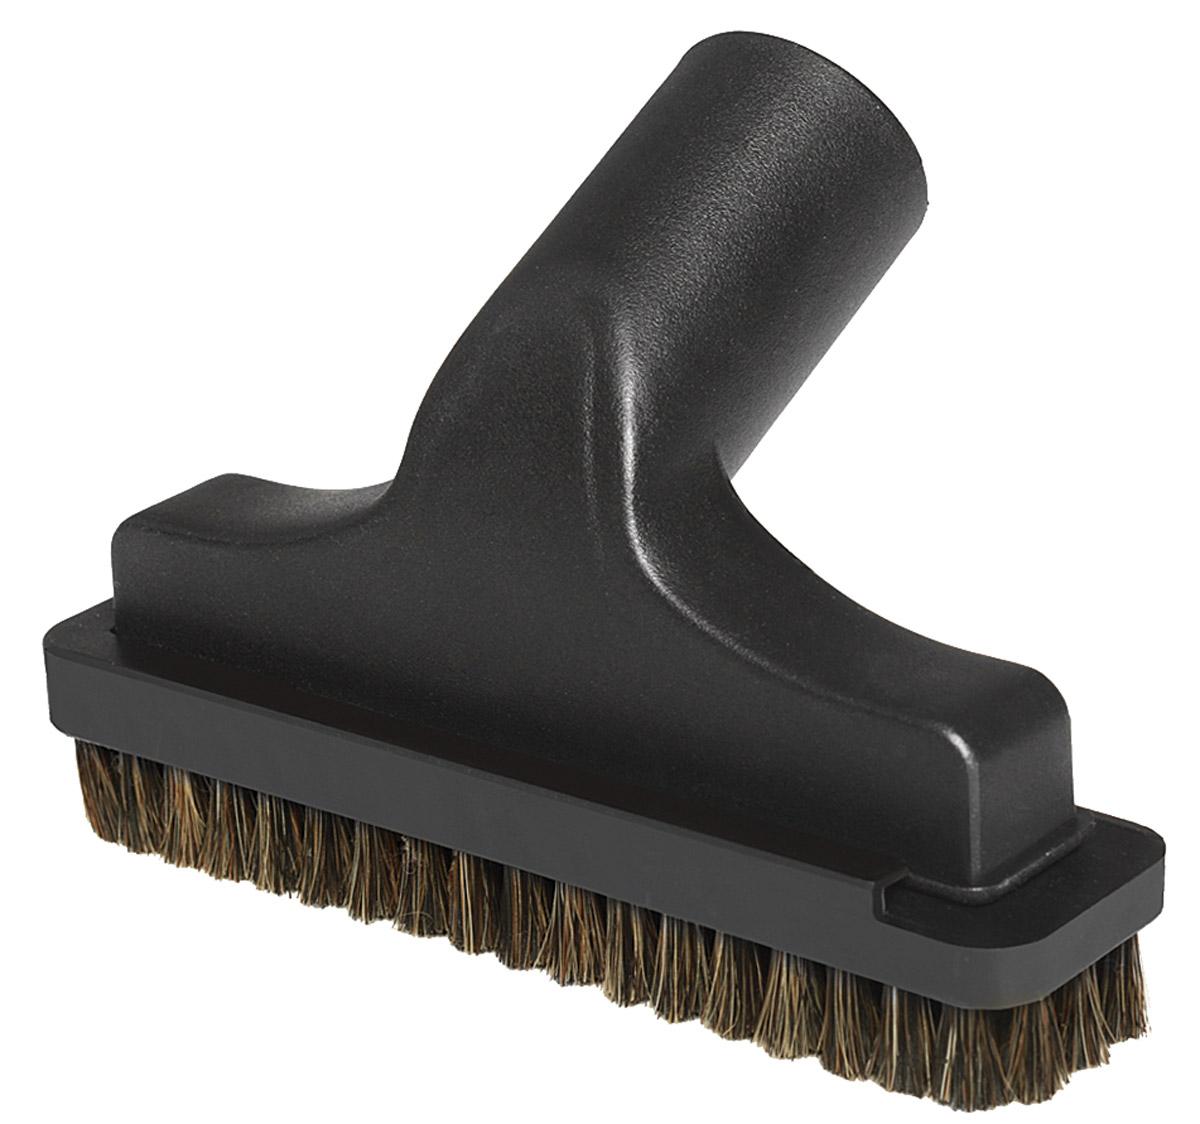 Neolux TN-06 насадка с натуральным ворсом для очистки мягкой мебели и одежды